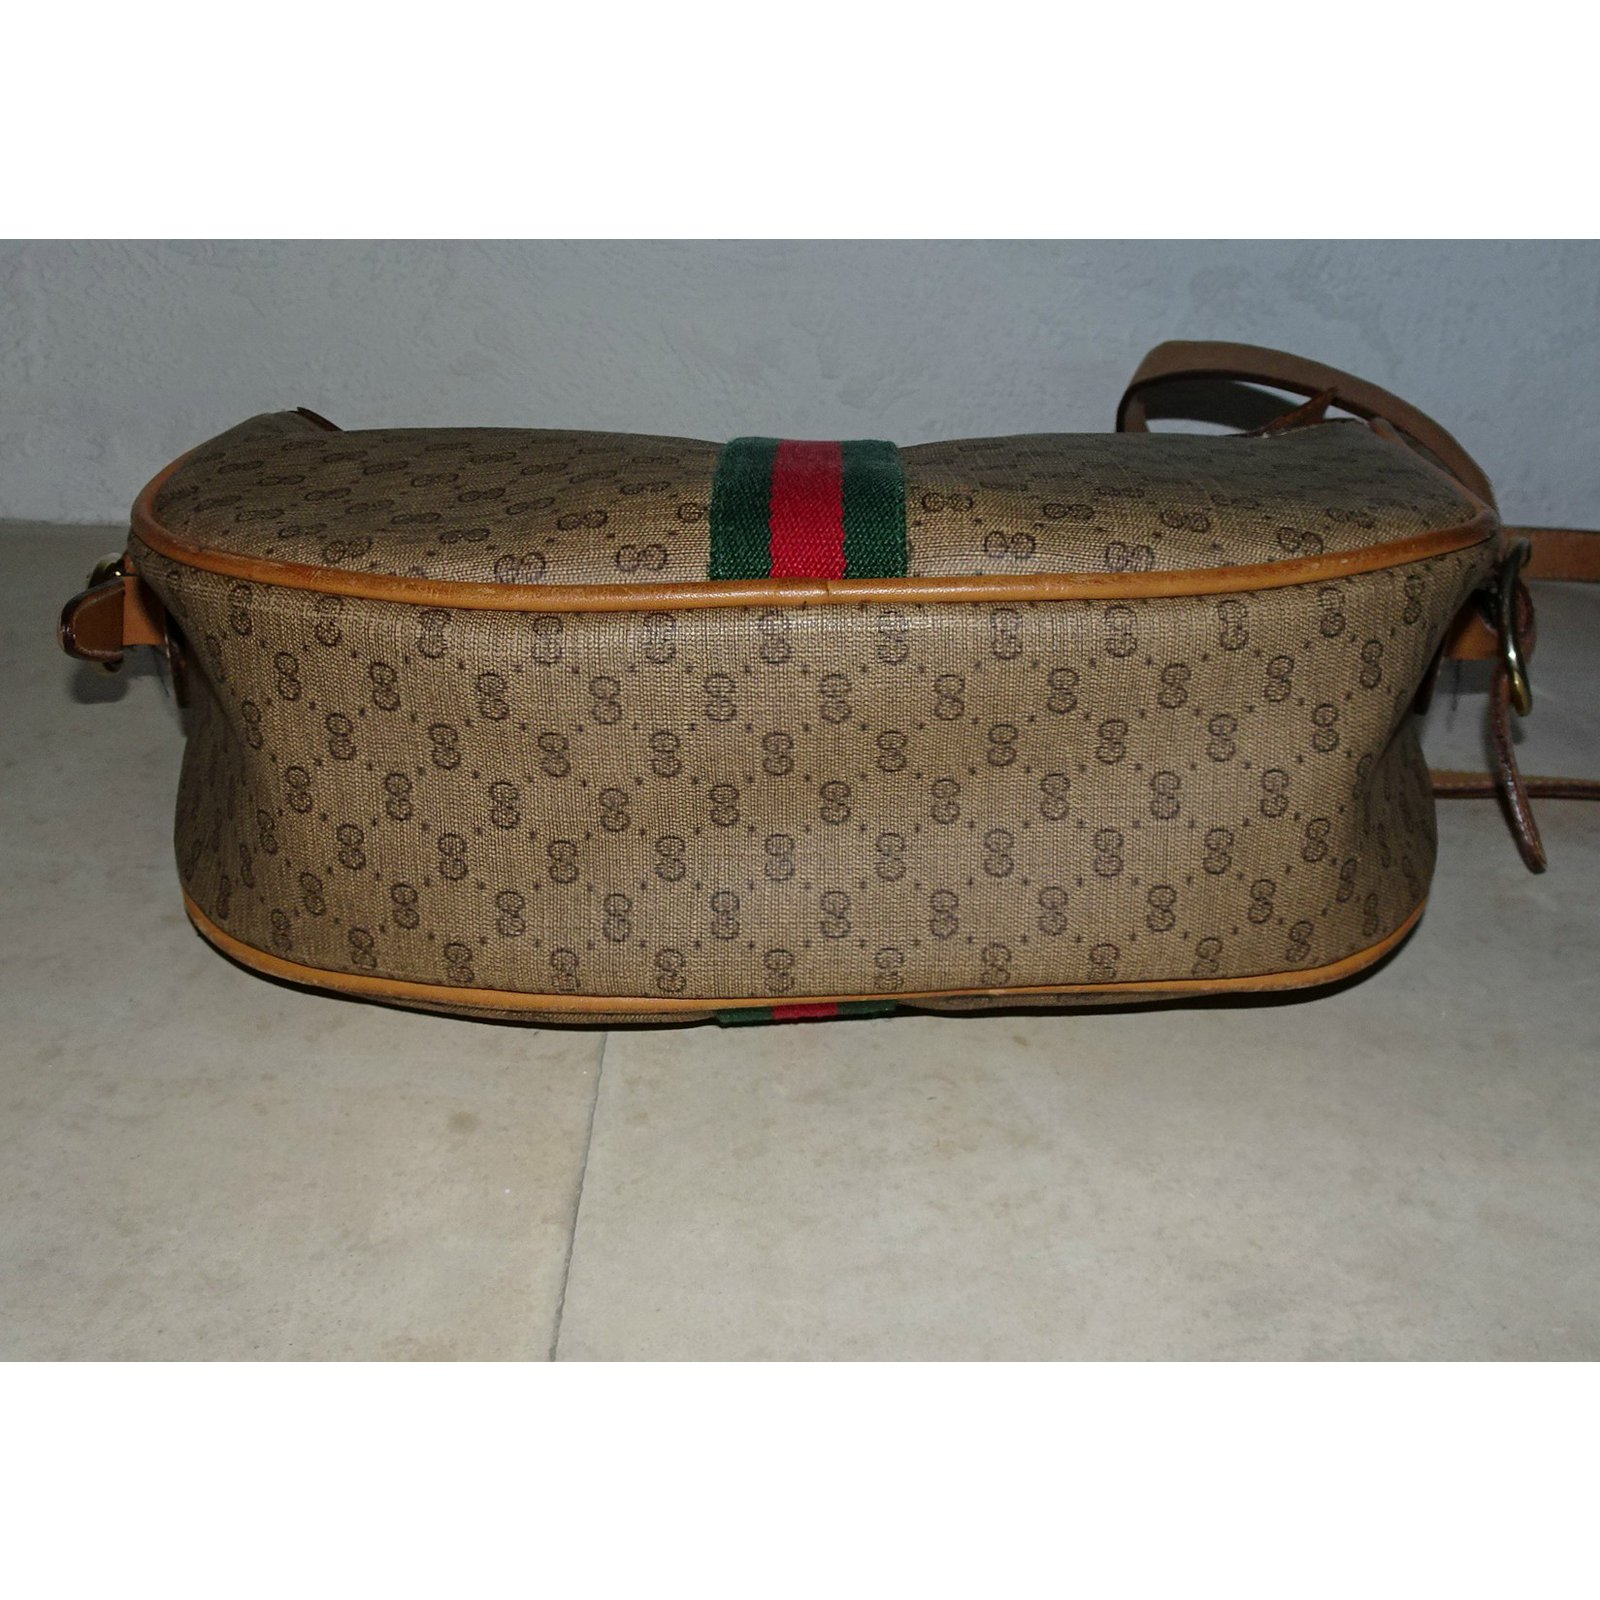 f35d34881238c4 Gucci Shoulder crossbody bag Handbags Leather Brown,Beige ref.43327 - Joli  Closet